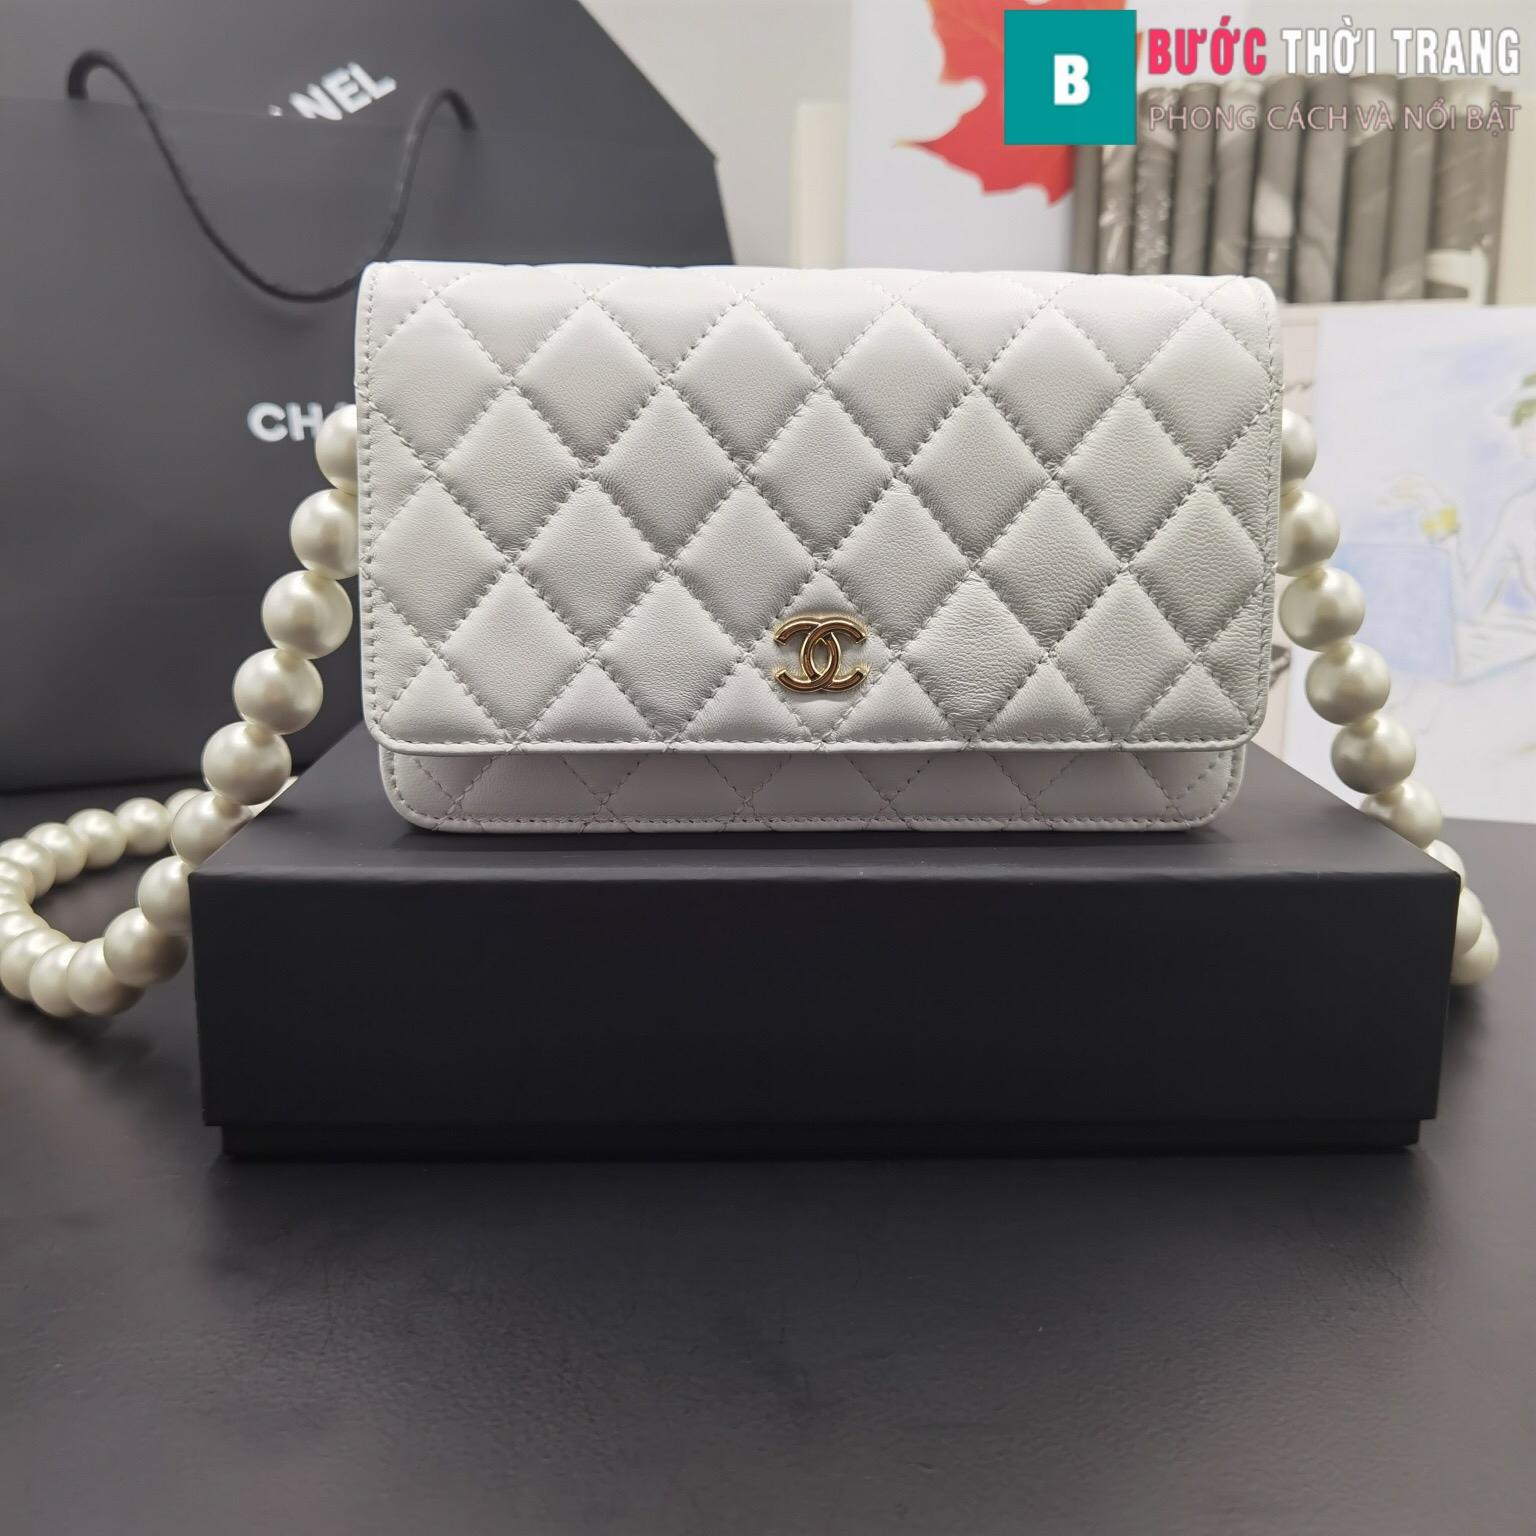 Túi Xách Chanel Classic Wallet On Chain siêu cấp (1)